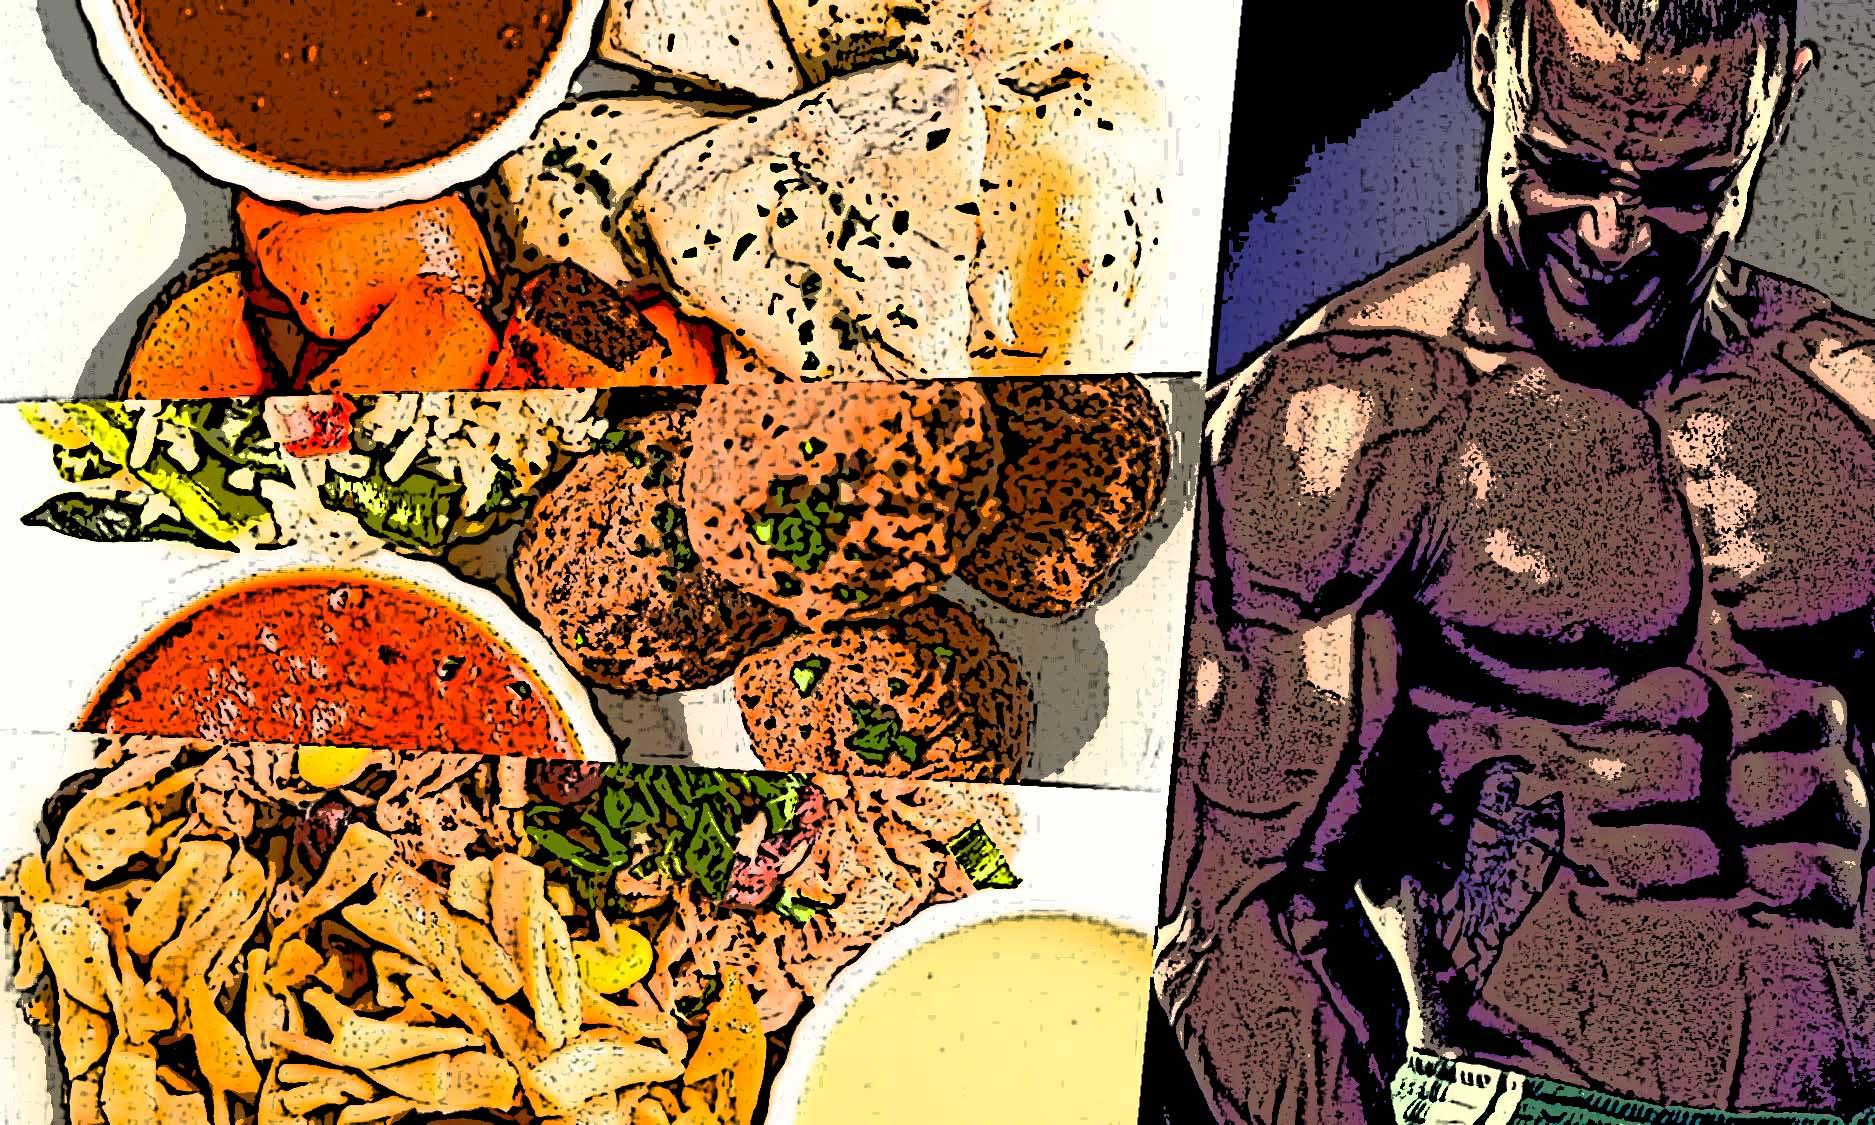 ¿Importa cuantas comidas y cuando las comas para ganar o perder peso? Que tan importante es el tiempo y la frecuencia de comidas?